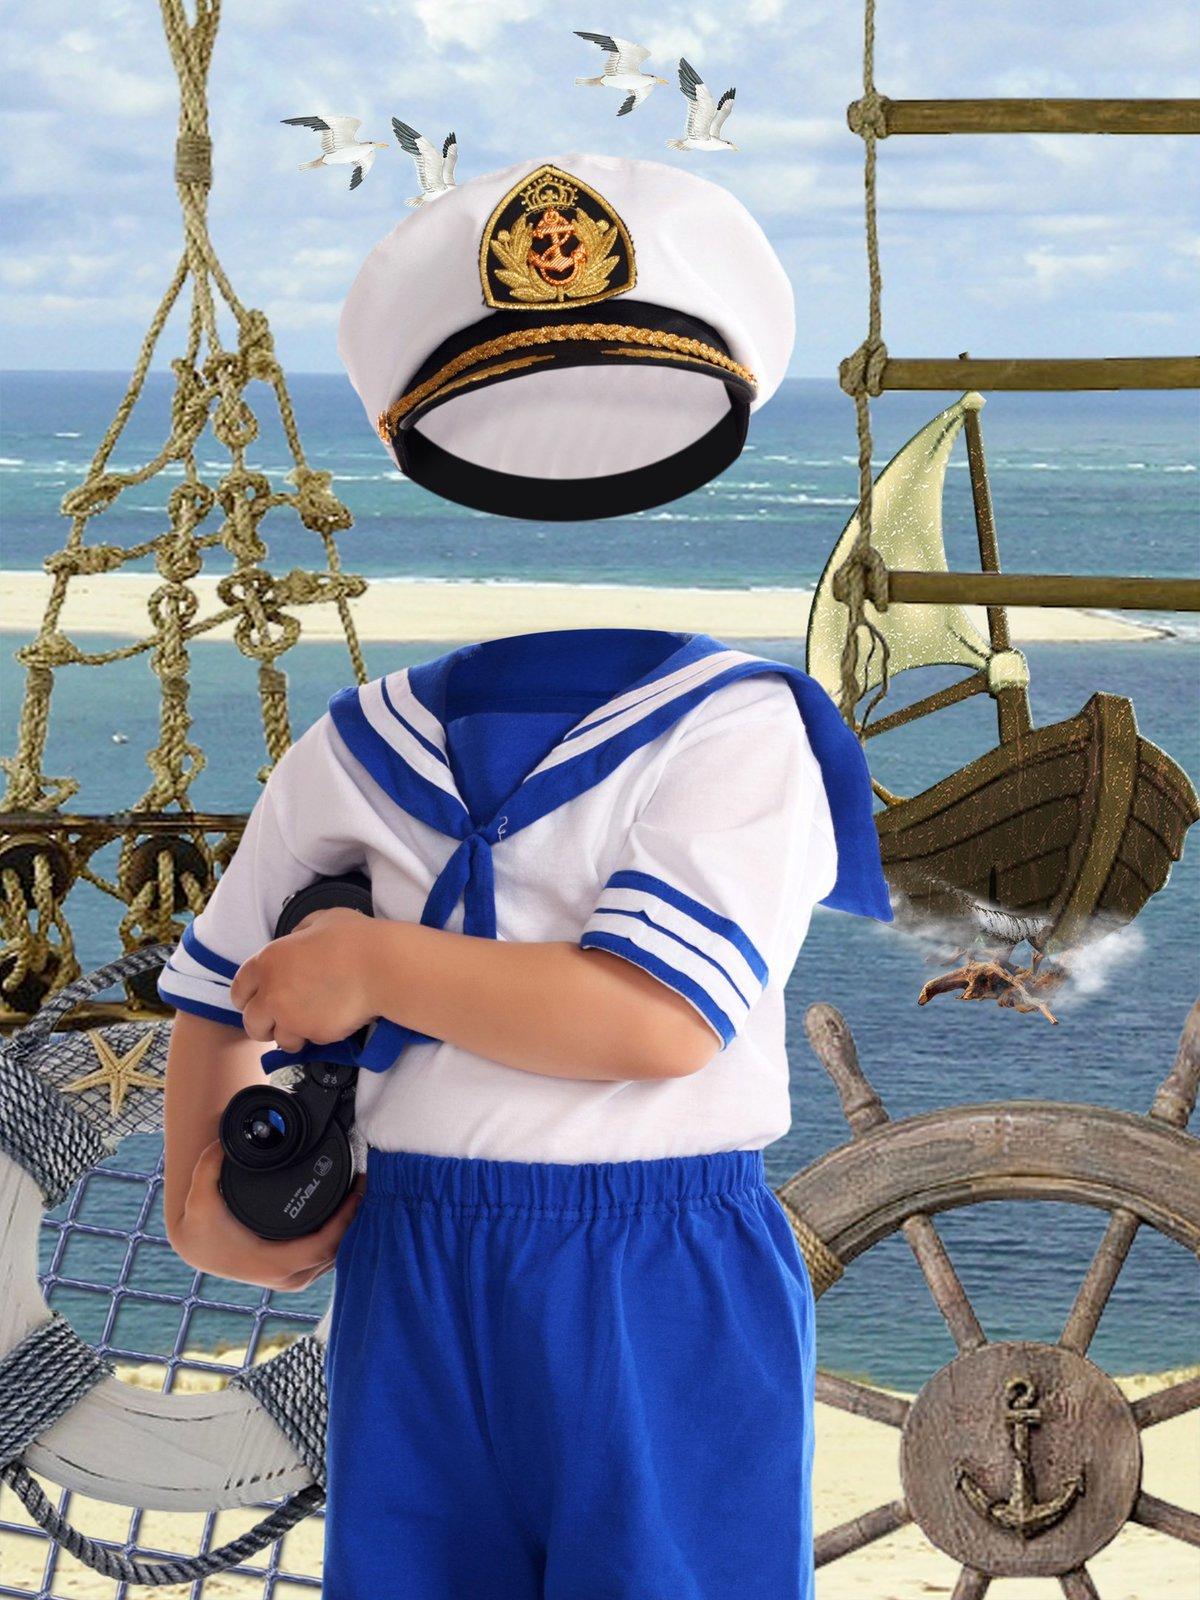 смешные картинки фото морская тема которых задействовано